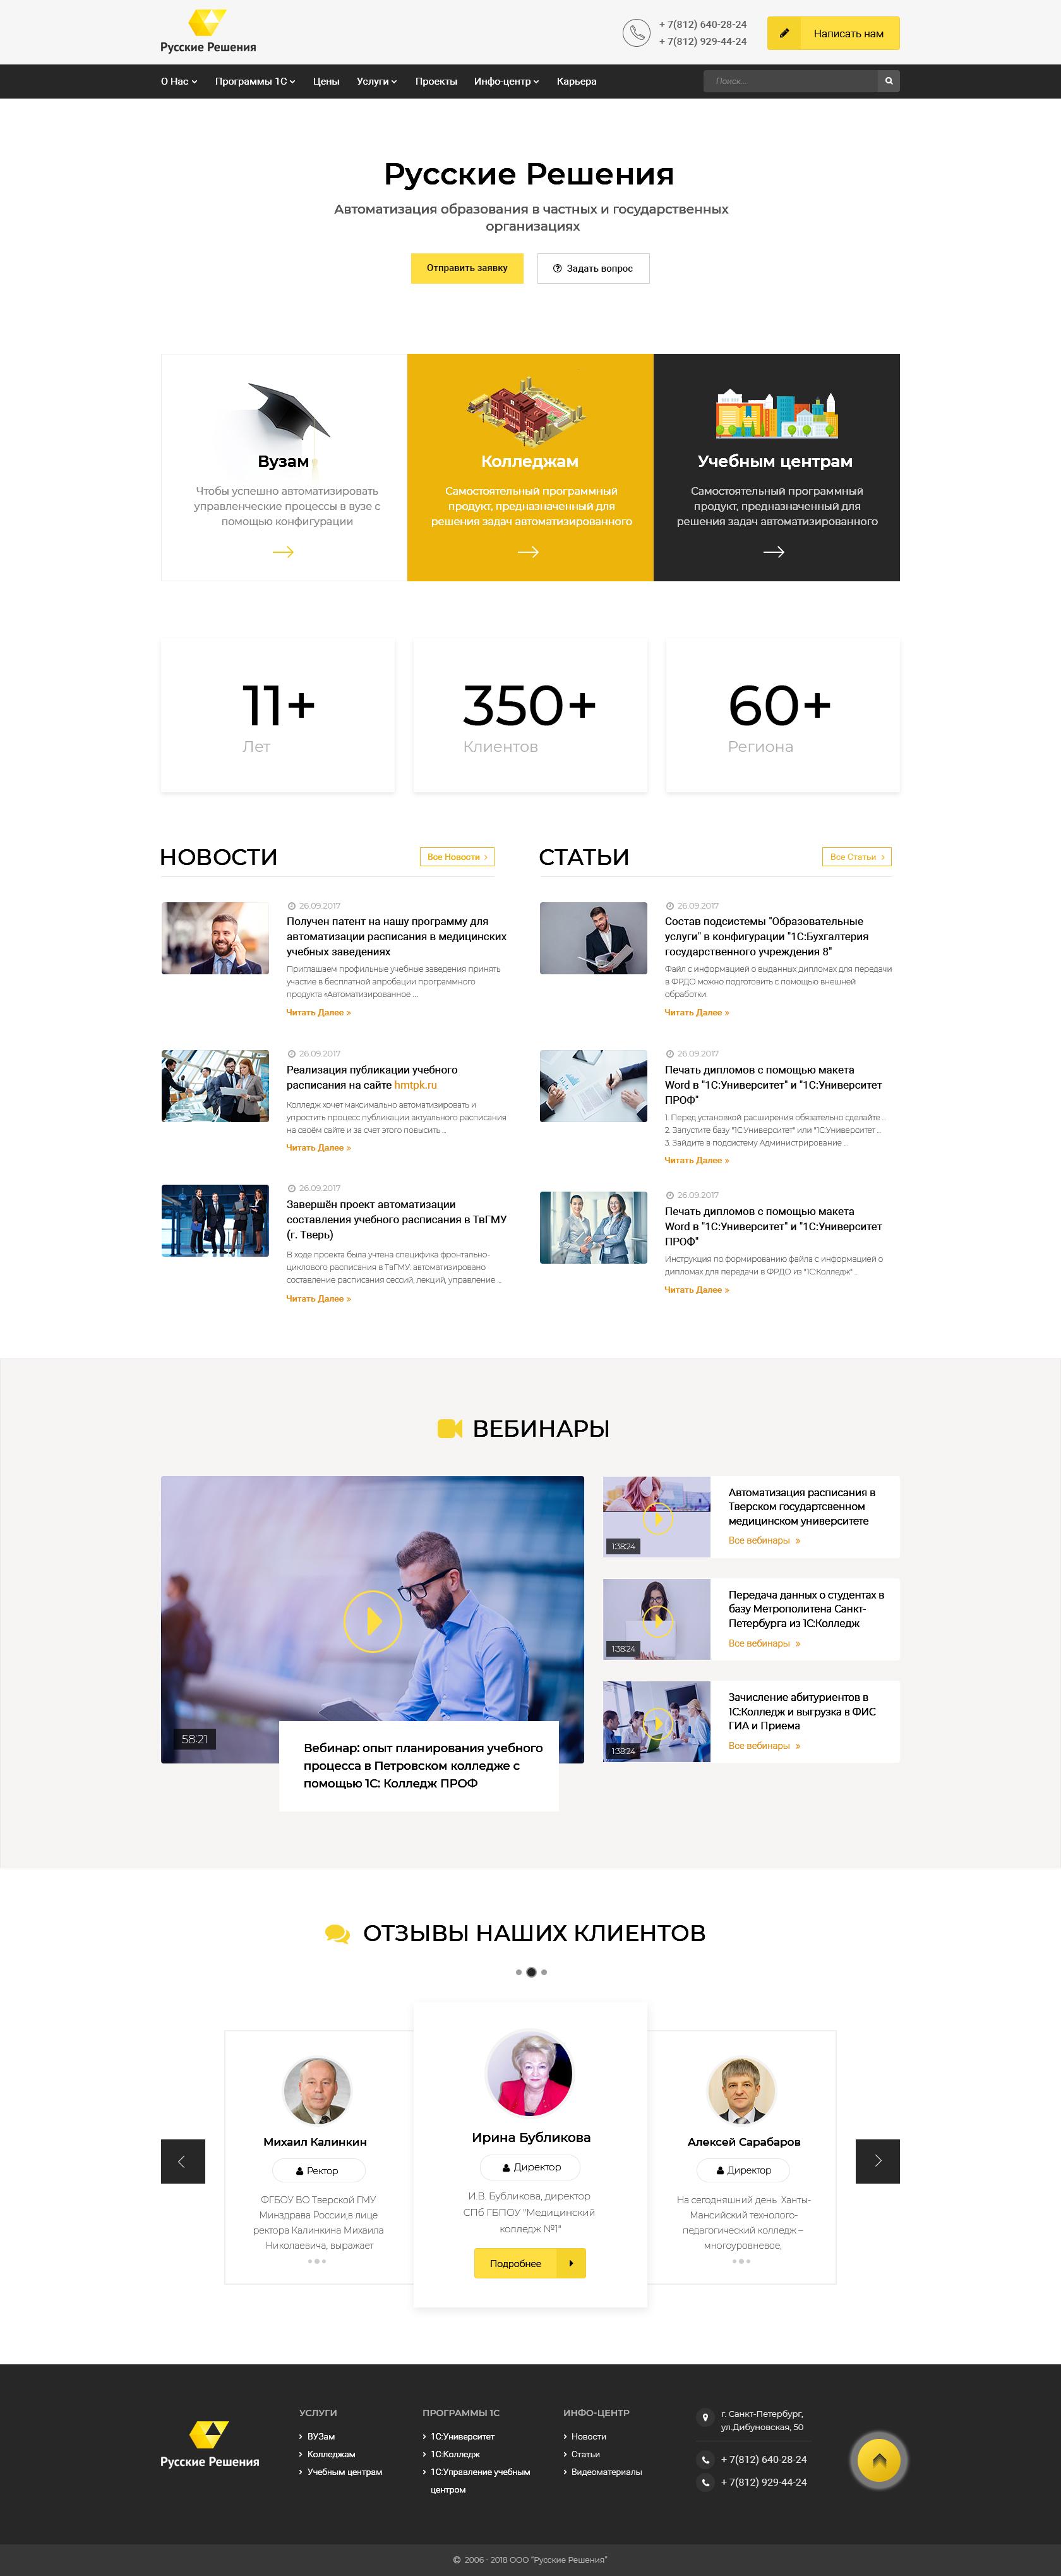 Дизайн главной страницы сайта фото f_6125a60f276adb55.jpg